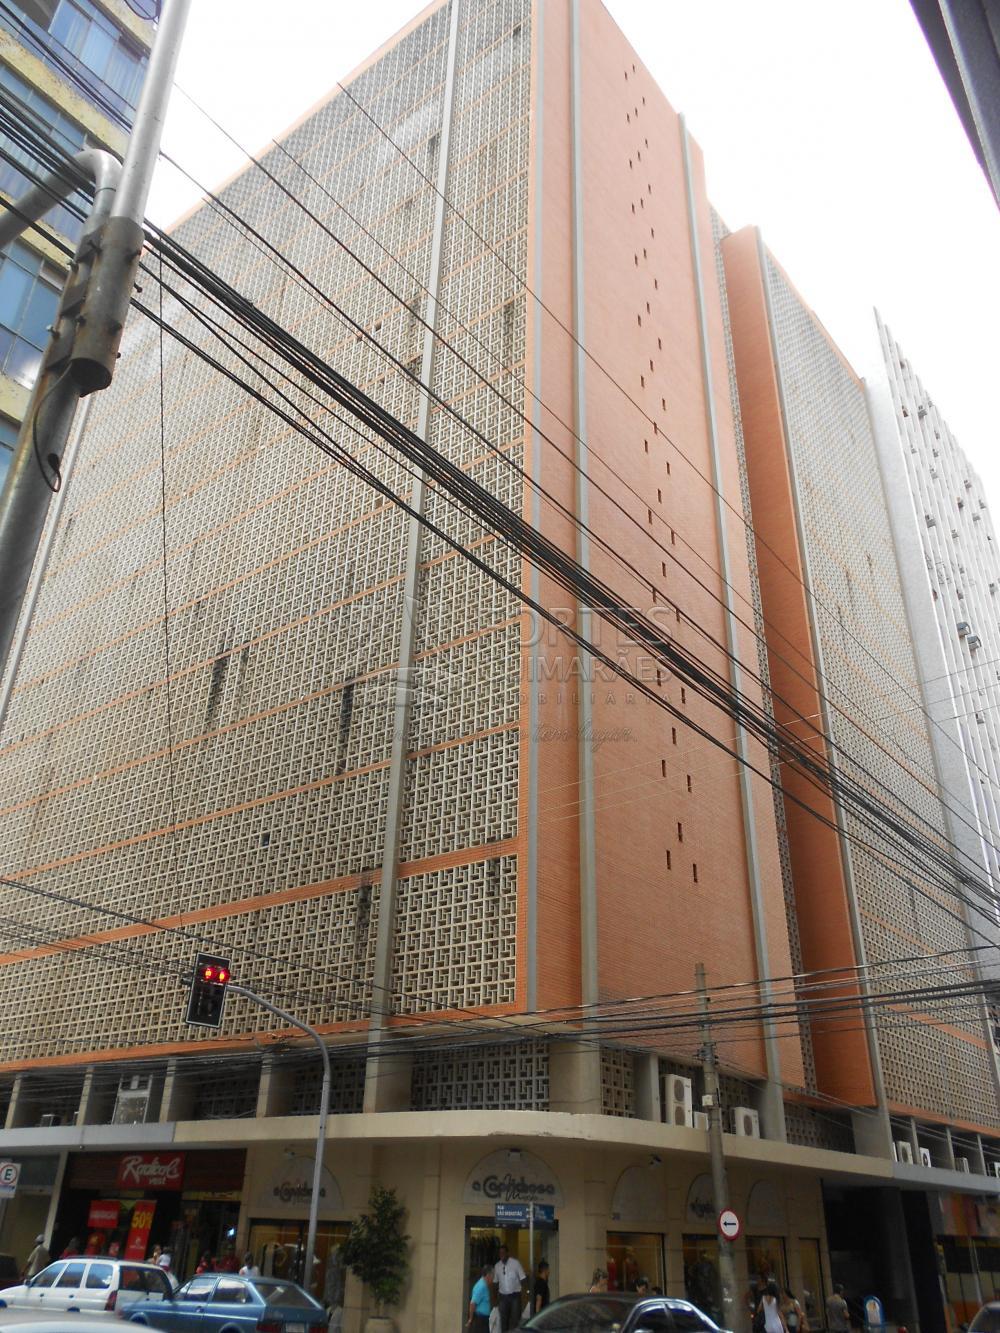 Alugar Comercial / Sala em Ribeirão Preto apenas R$ 400,00 - Foto 9